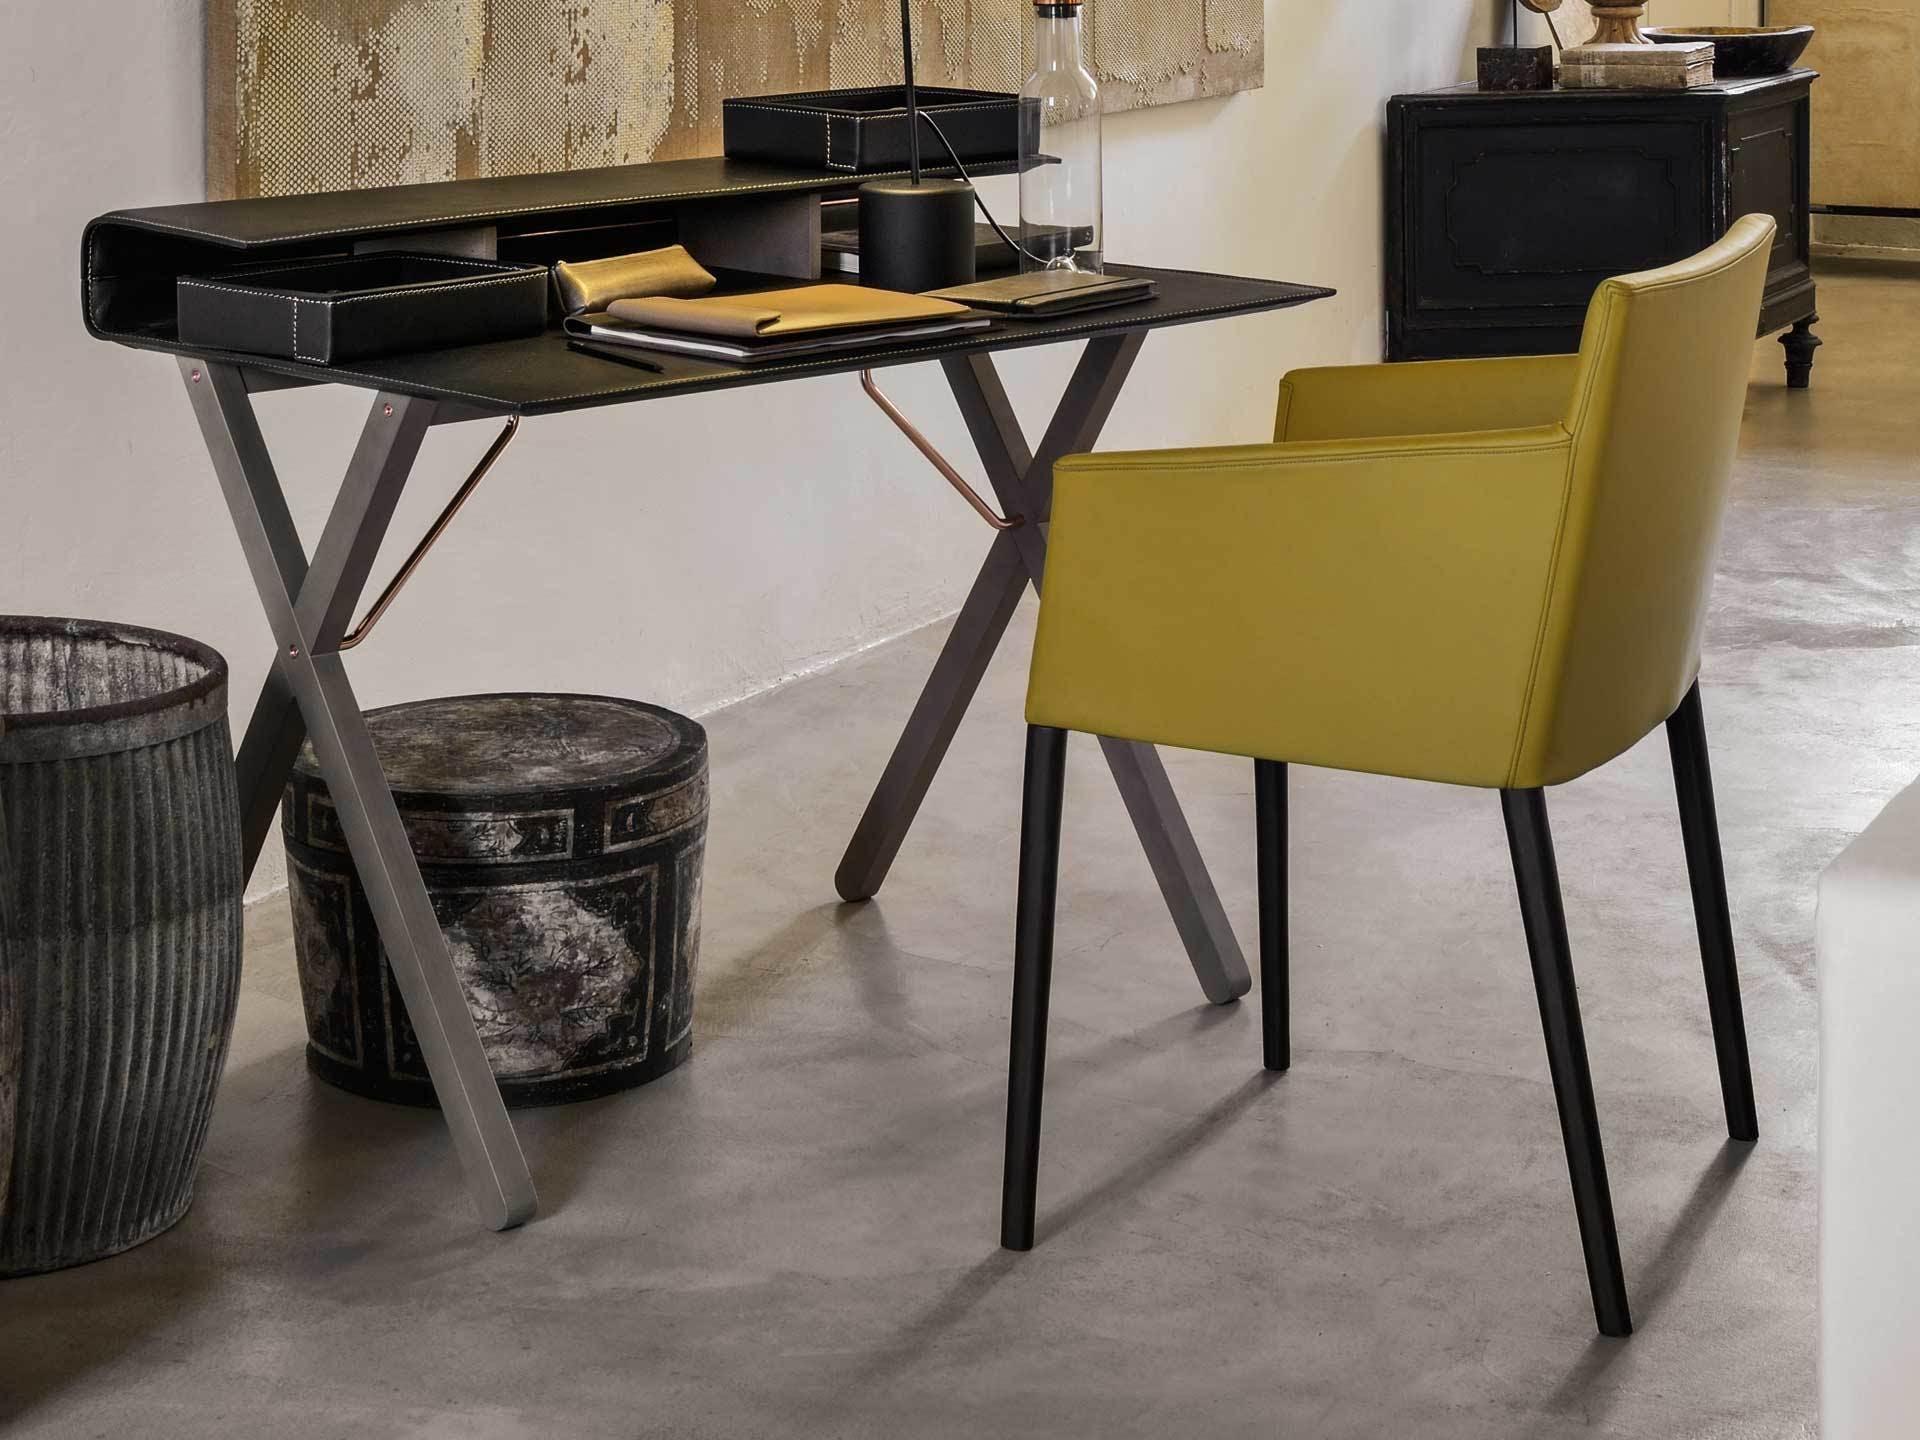 Frag-furniture-close-up-kant-desk-institu-haute-living